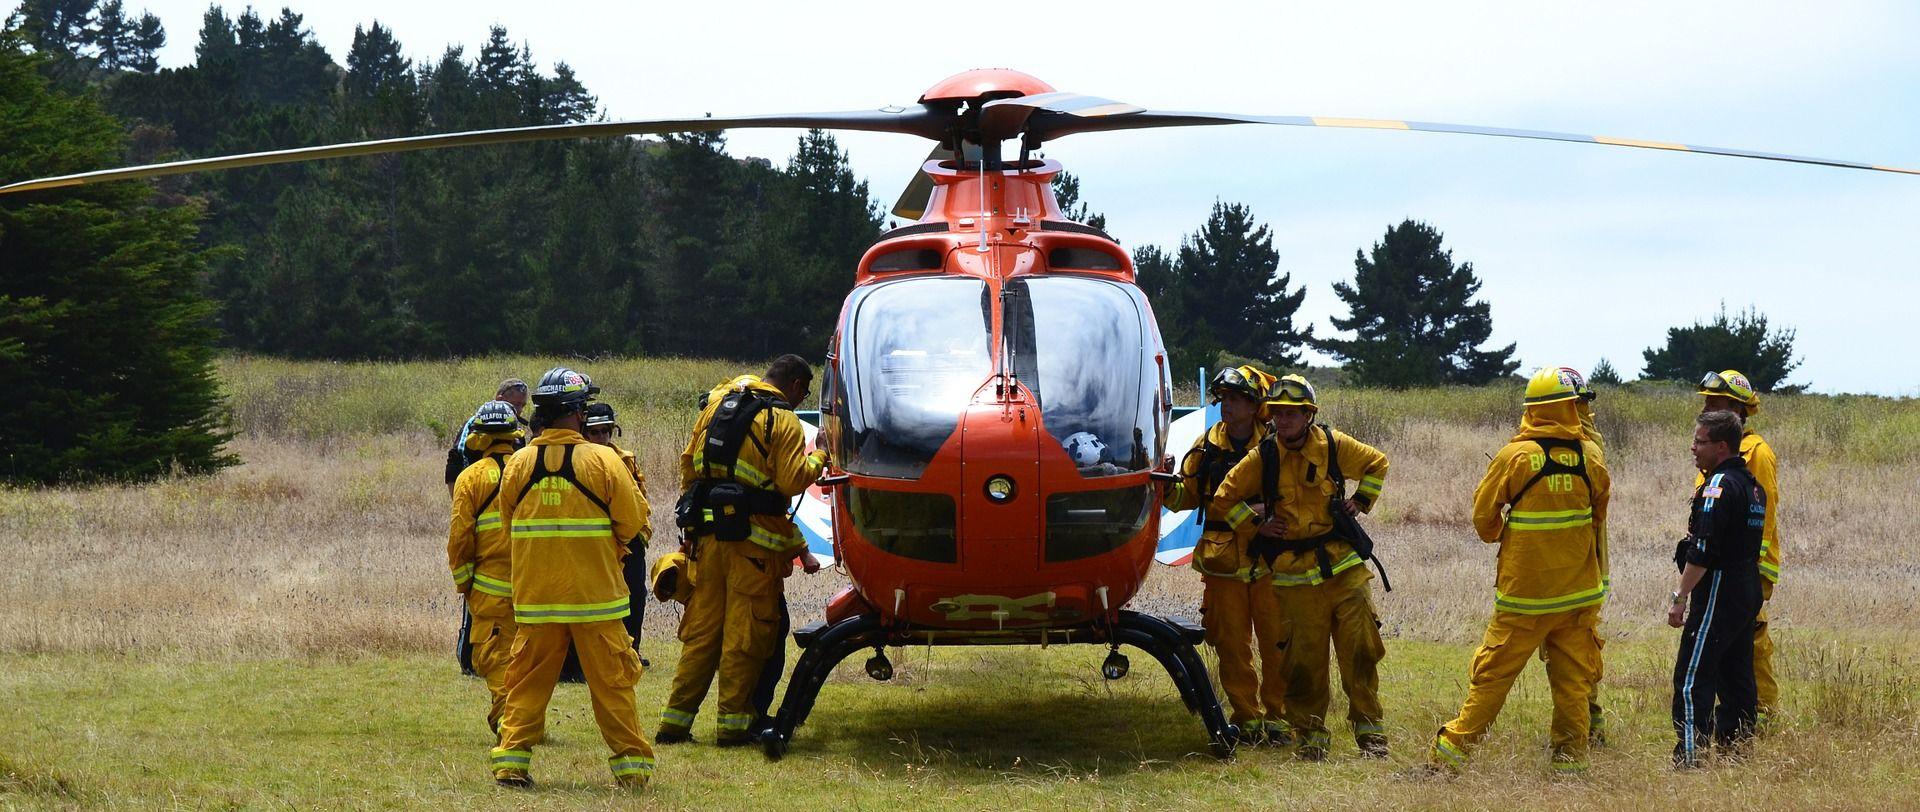 Udruge dale potporu uvođenju helikopterske hitne medicinske službe u Hrvatsku